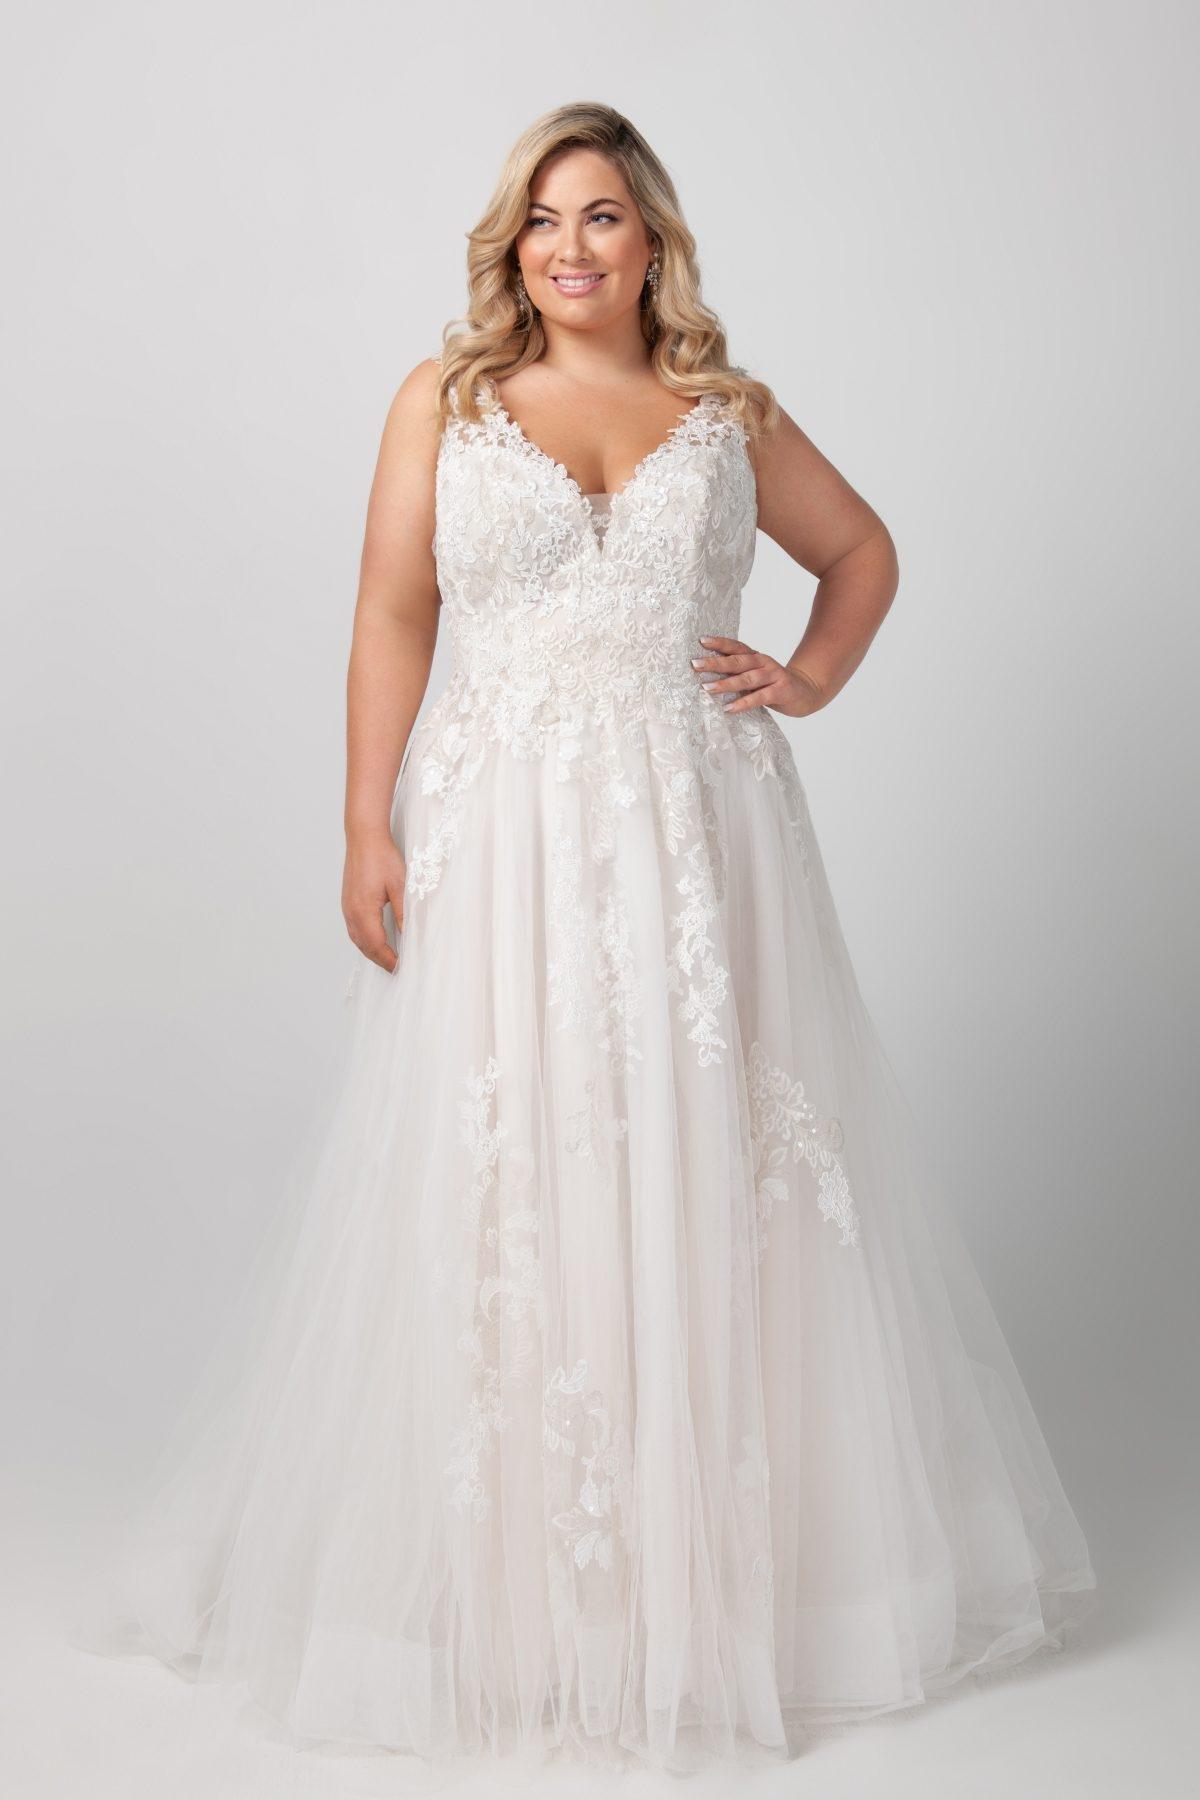 فستان عروس فستان زفاف فساتين عرس فساتين عروس فساتين زفاف